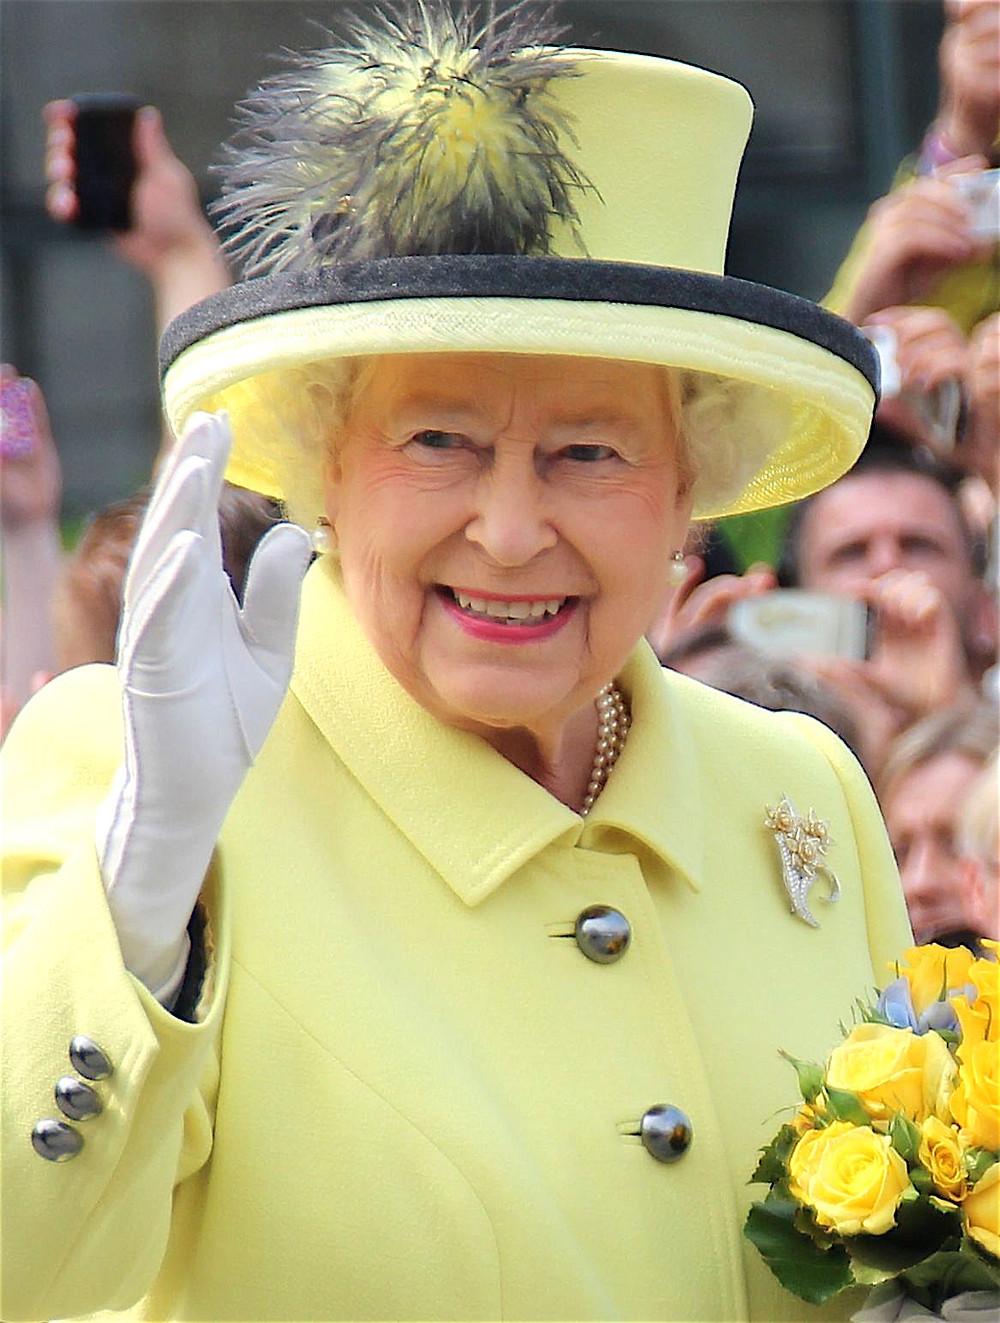 Queen Elizabeth II in Berlin, 2015 wearing yeloow outfit